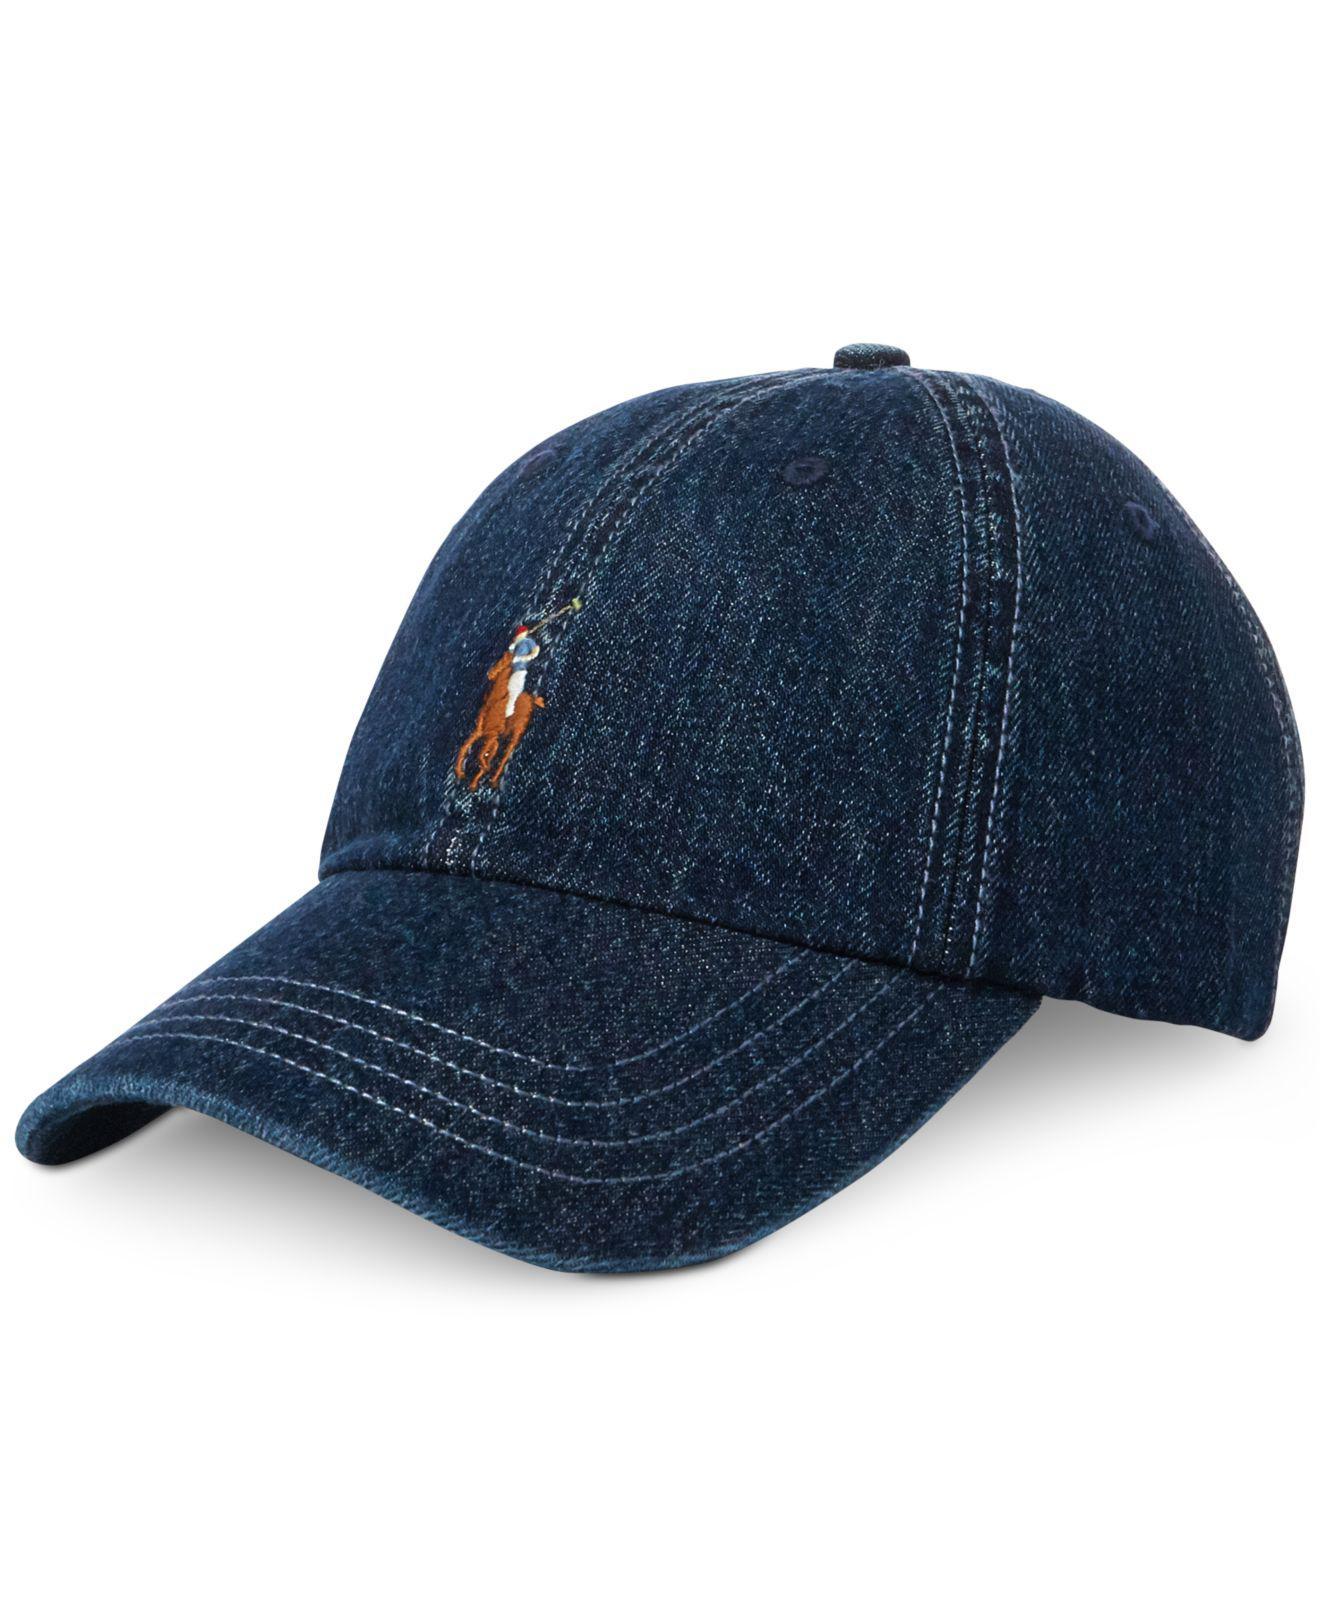 70e38f6df41 ... Lyst - Polo Ralph Lauren Denim Baseball Cap in Blue for Men 50% price  51786 ...